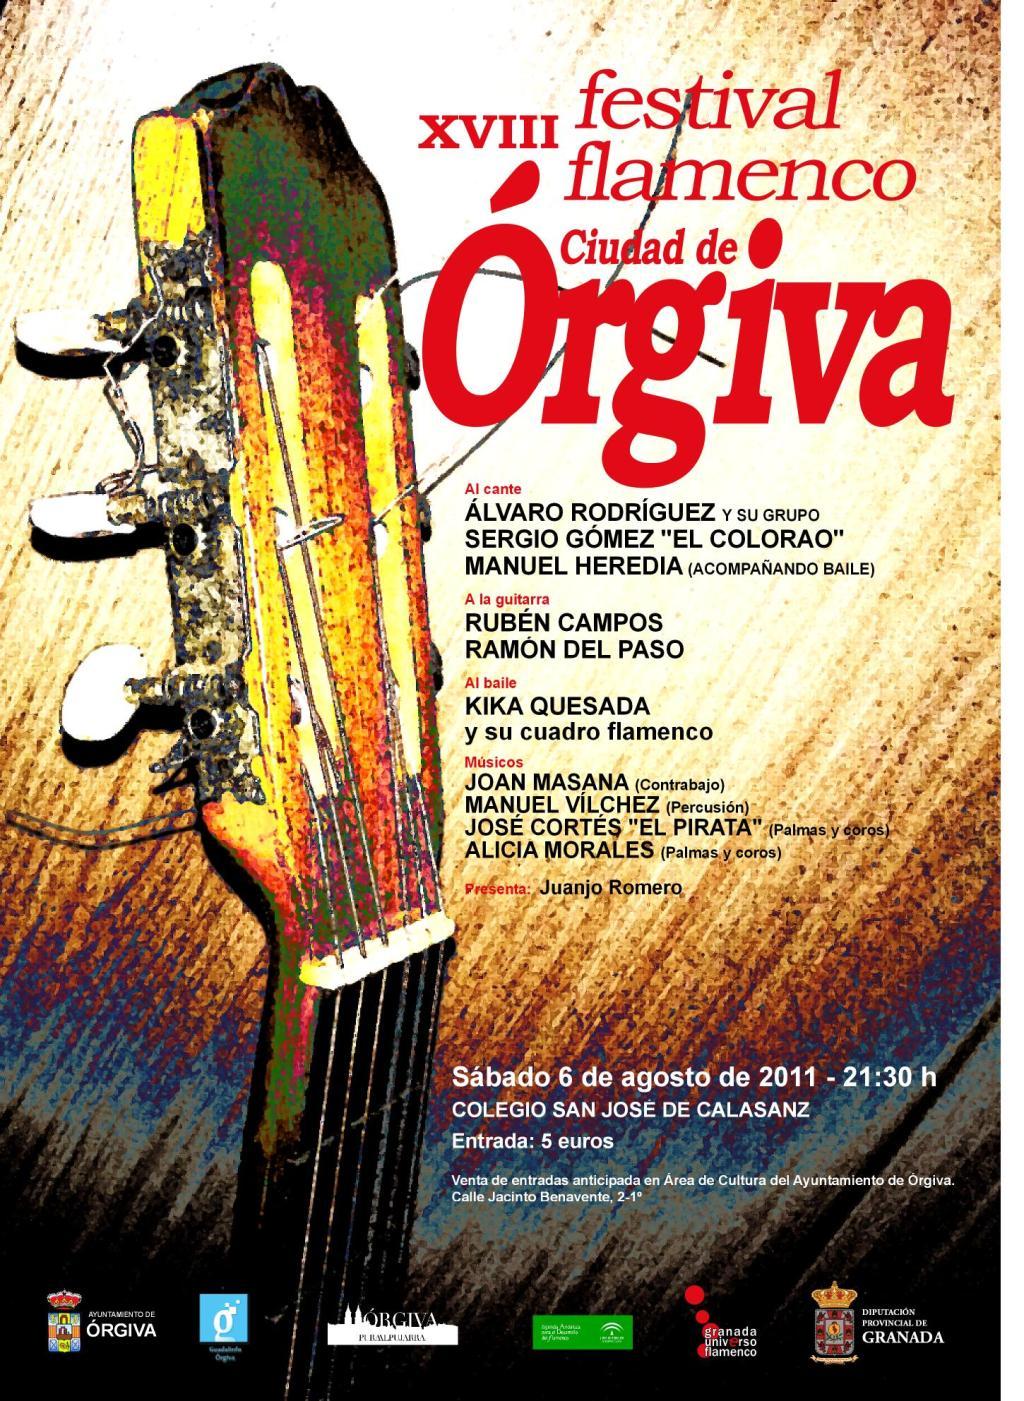 XVIII FESTIVAL FLAMENCO ORGIVA 2011